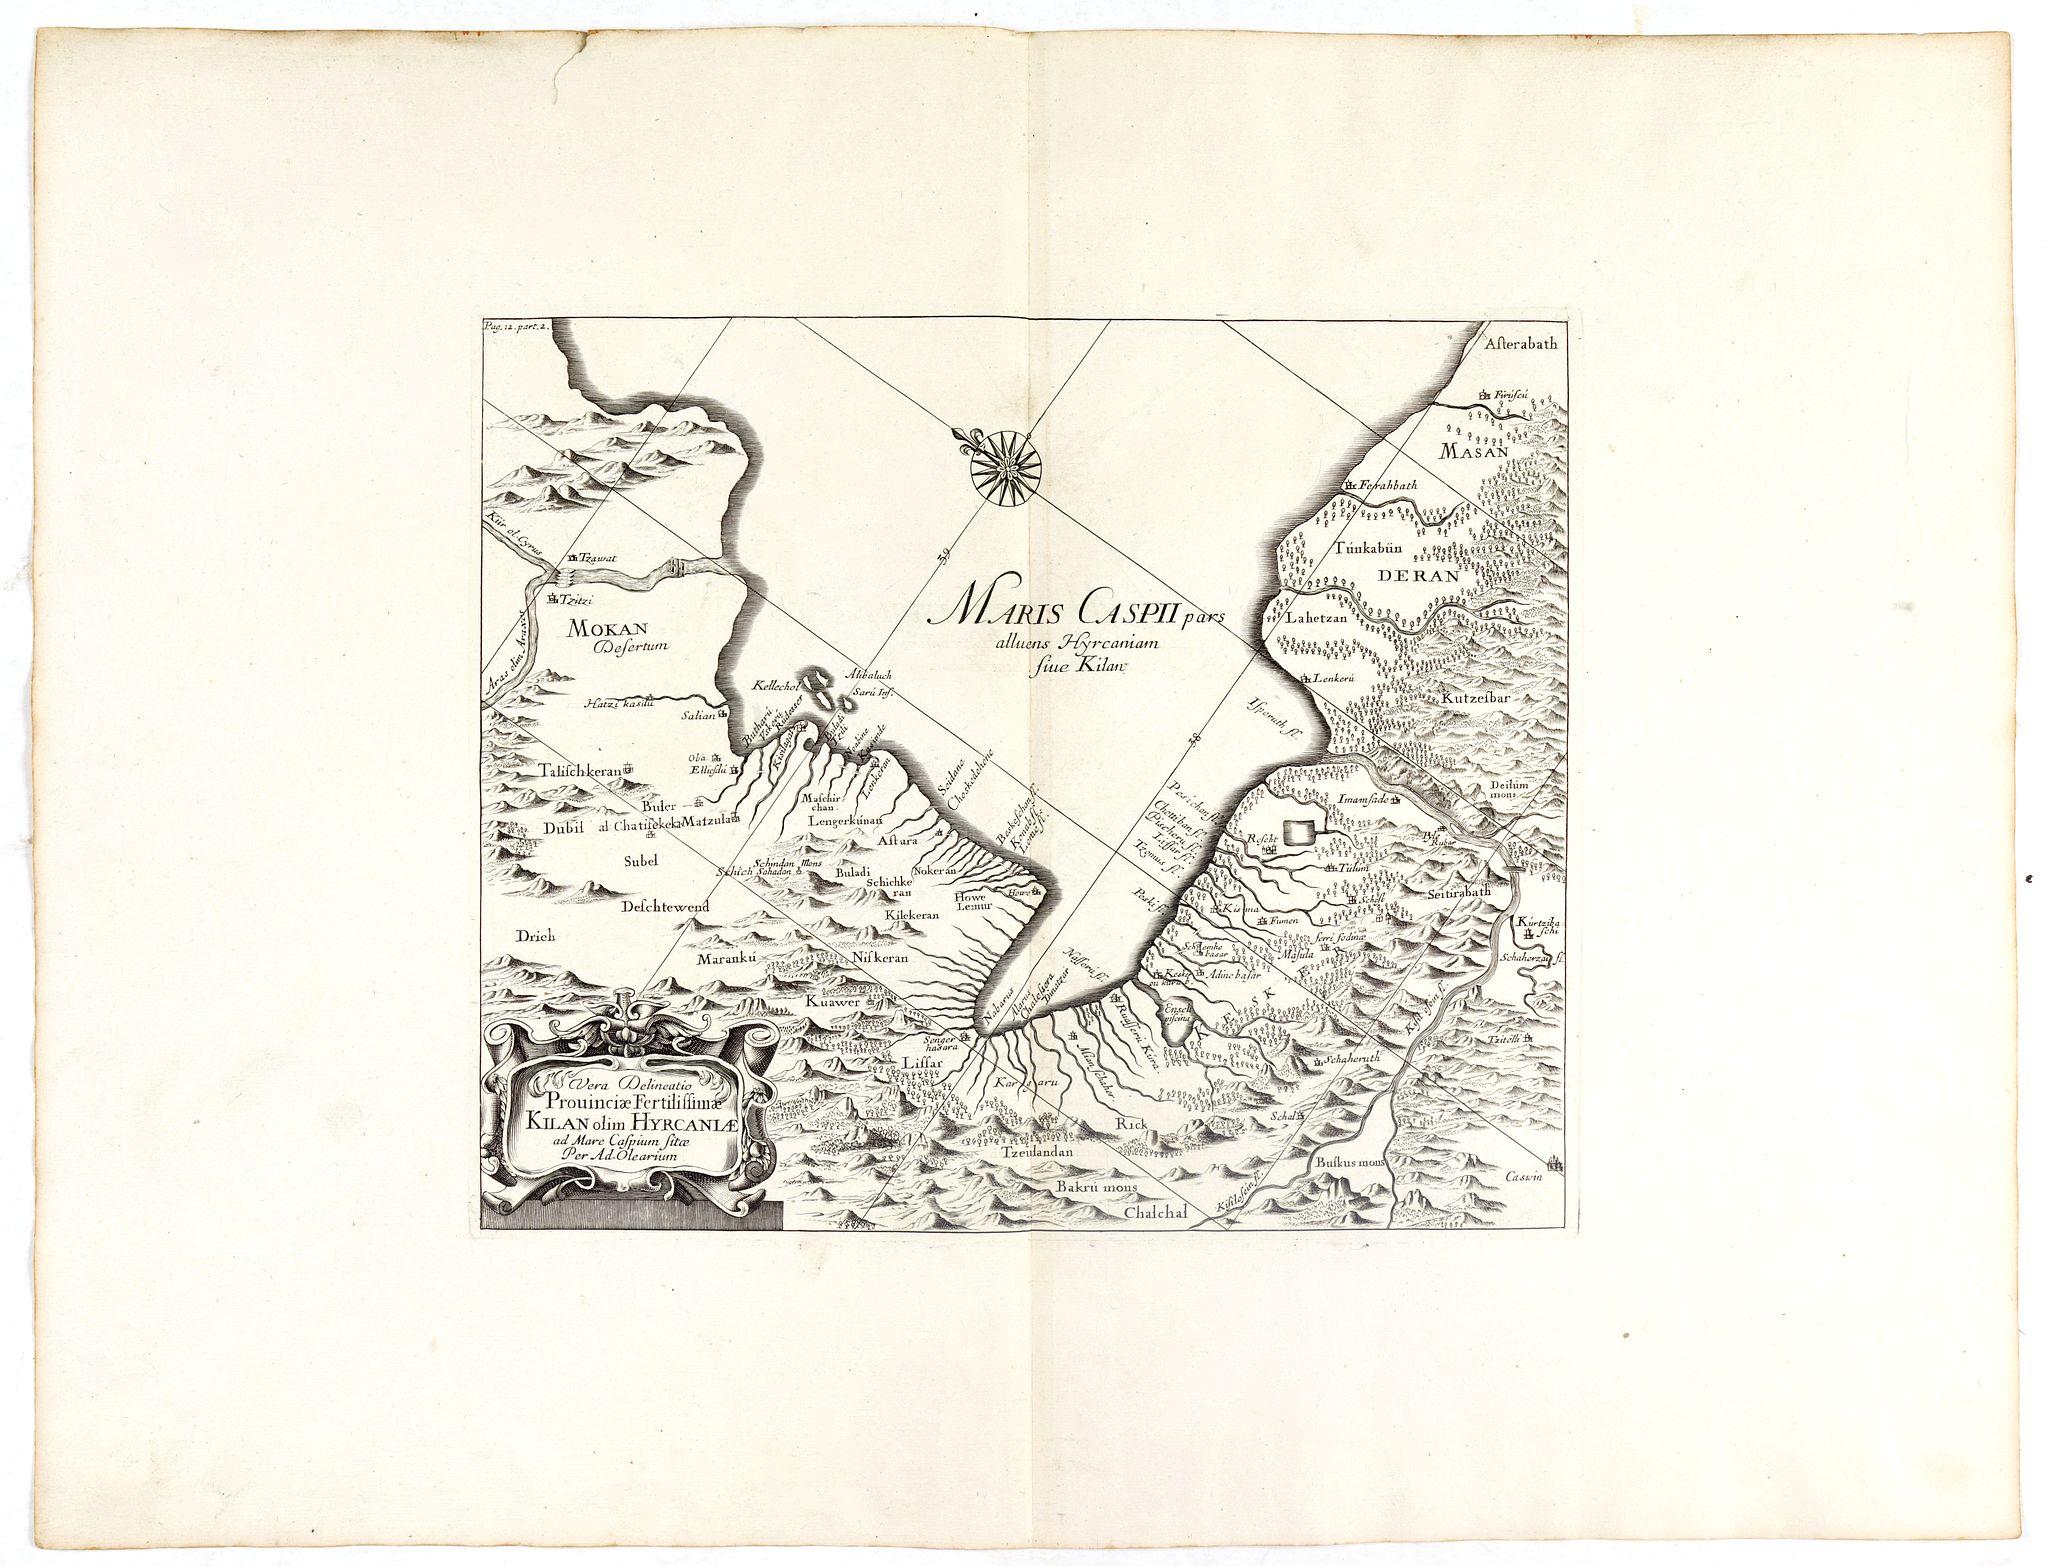 OLEARIUS, A. -  Vera Delineatio Provinciae Fertilissimae Kilan olim Hyrcaniae ad Mare Caspium Sitae.